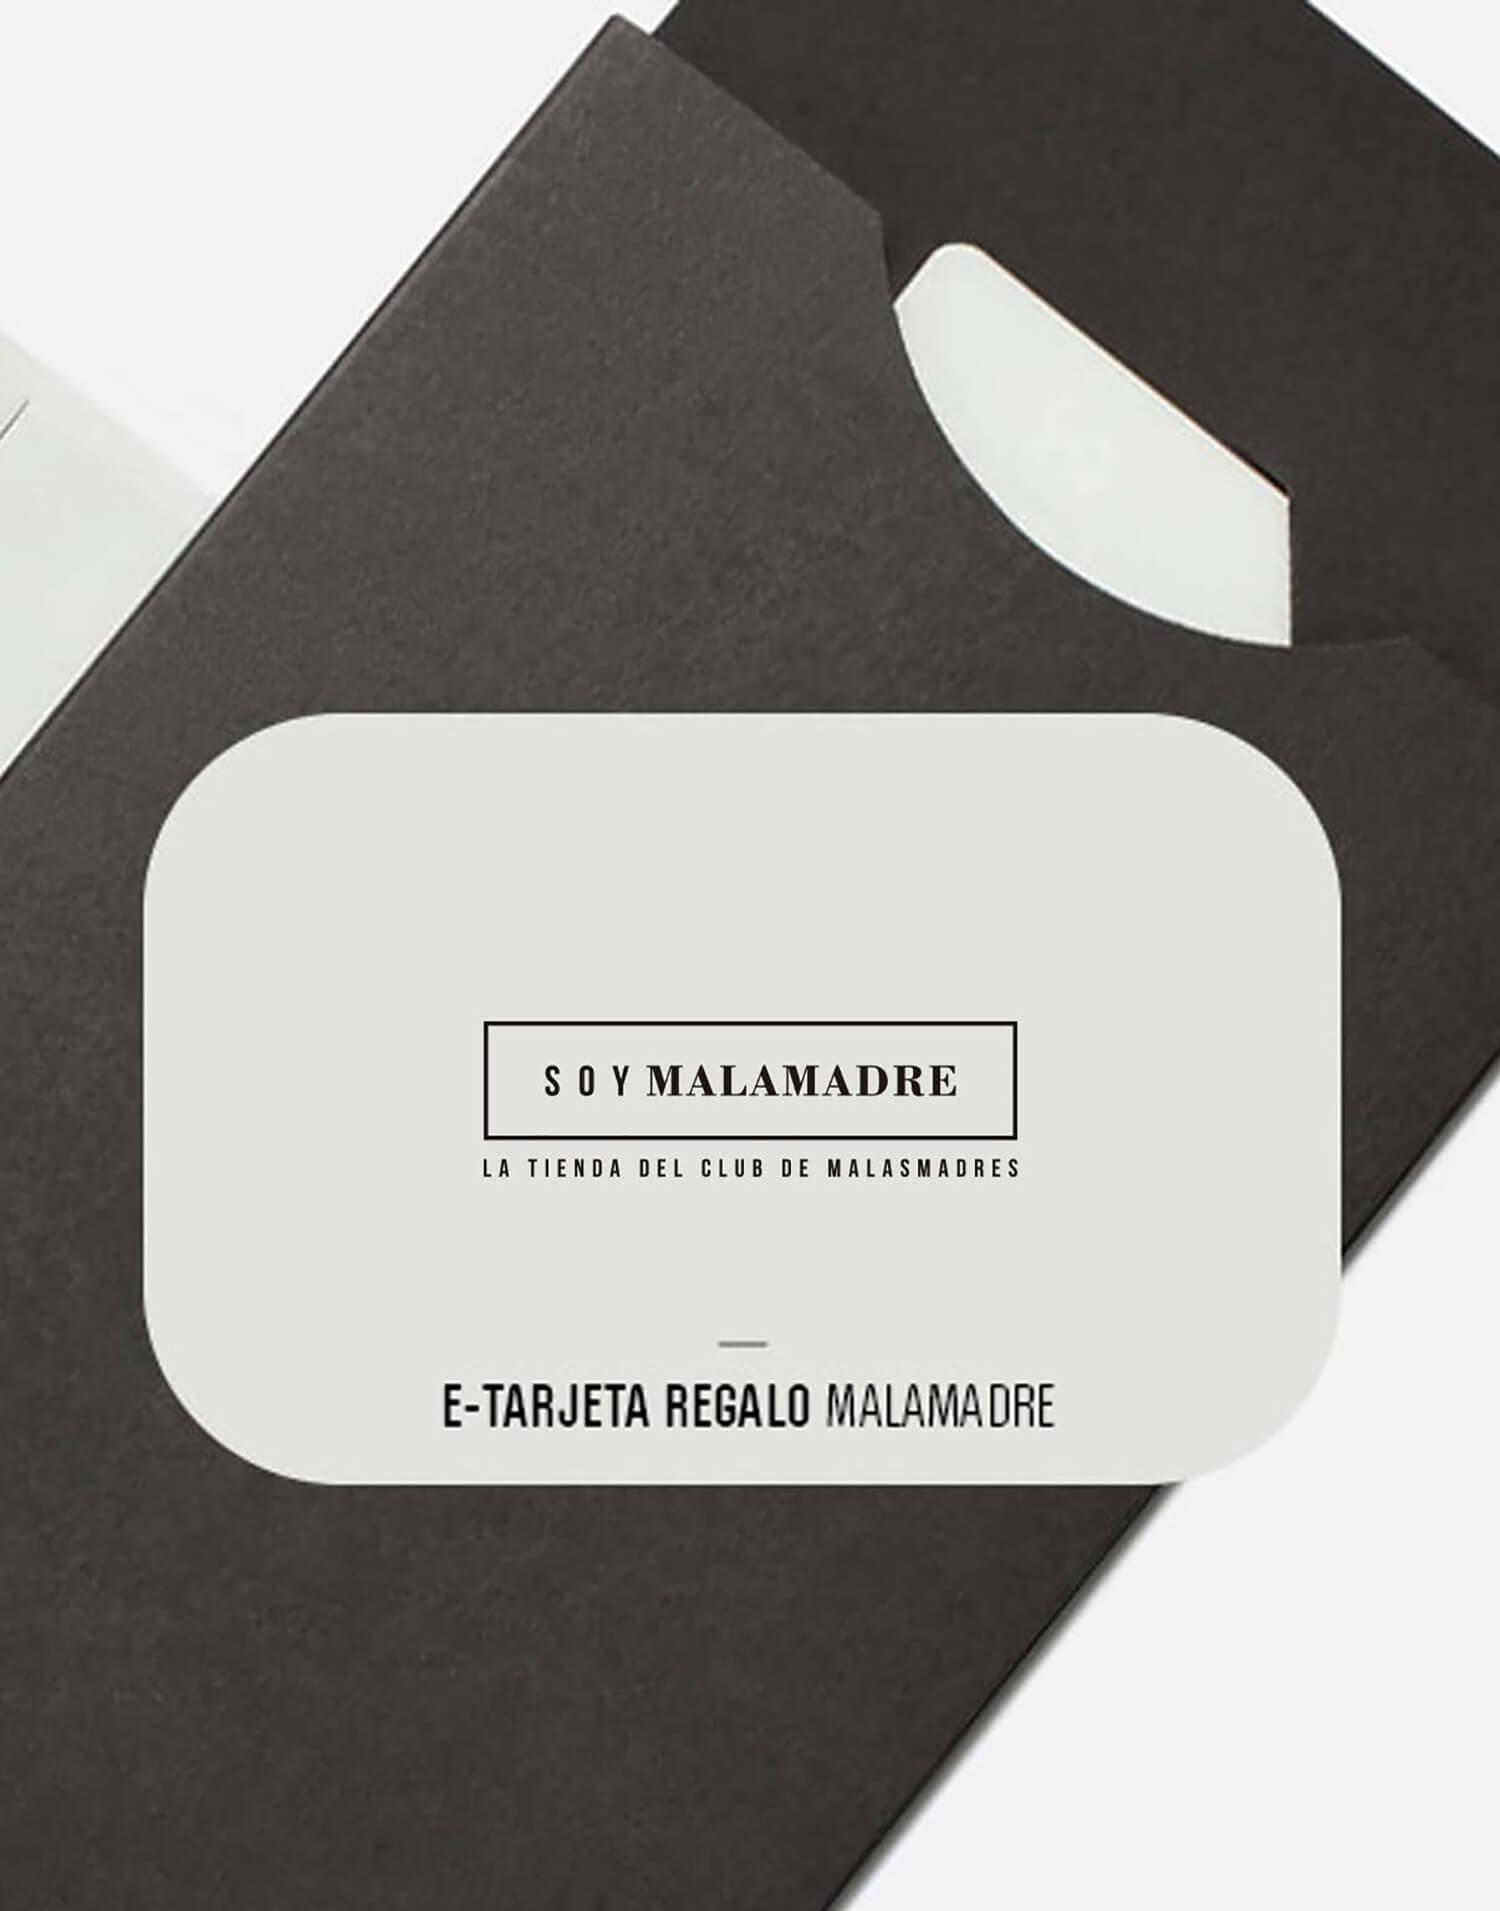 E-tarjeta Regalo Soy Malamadre